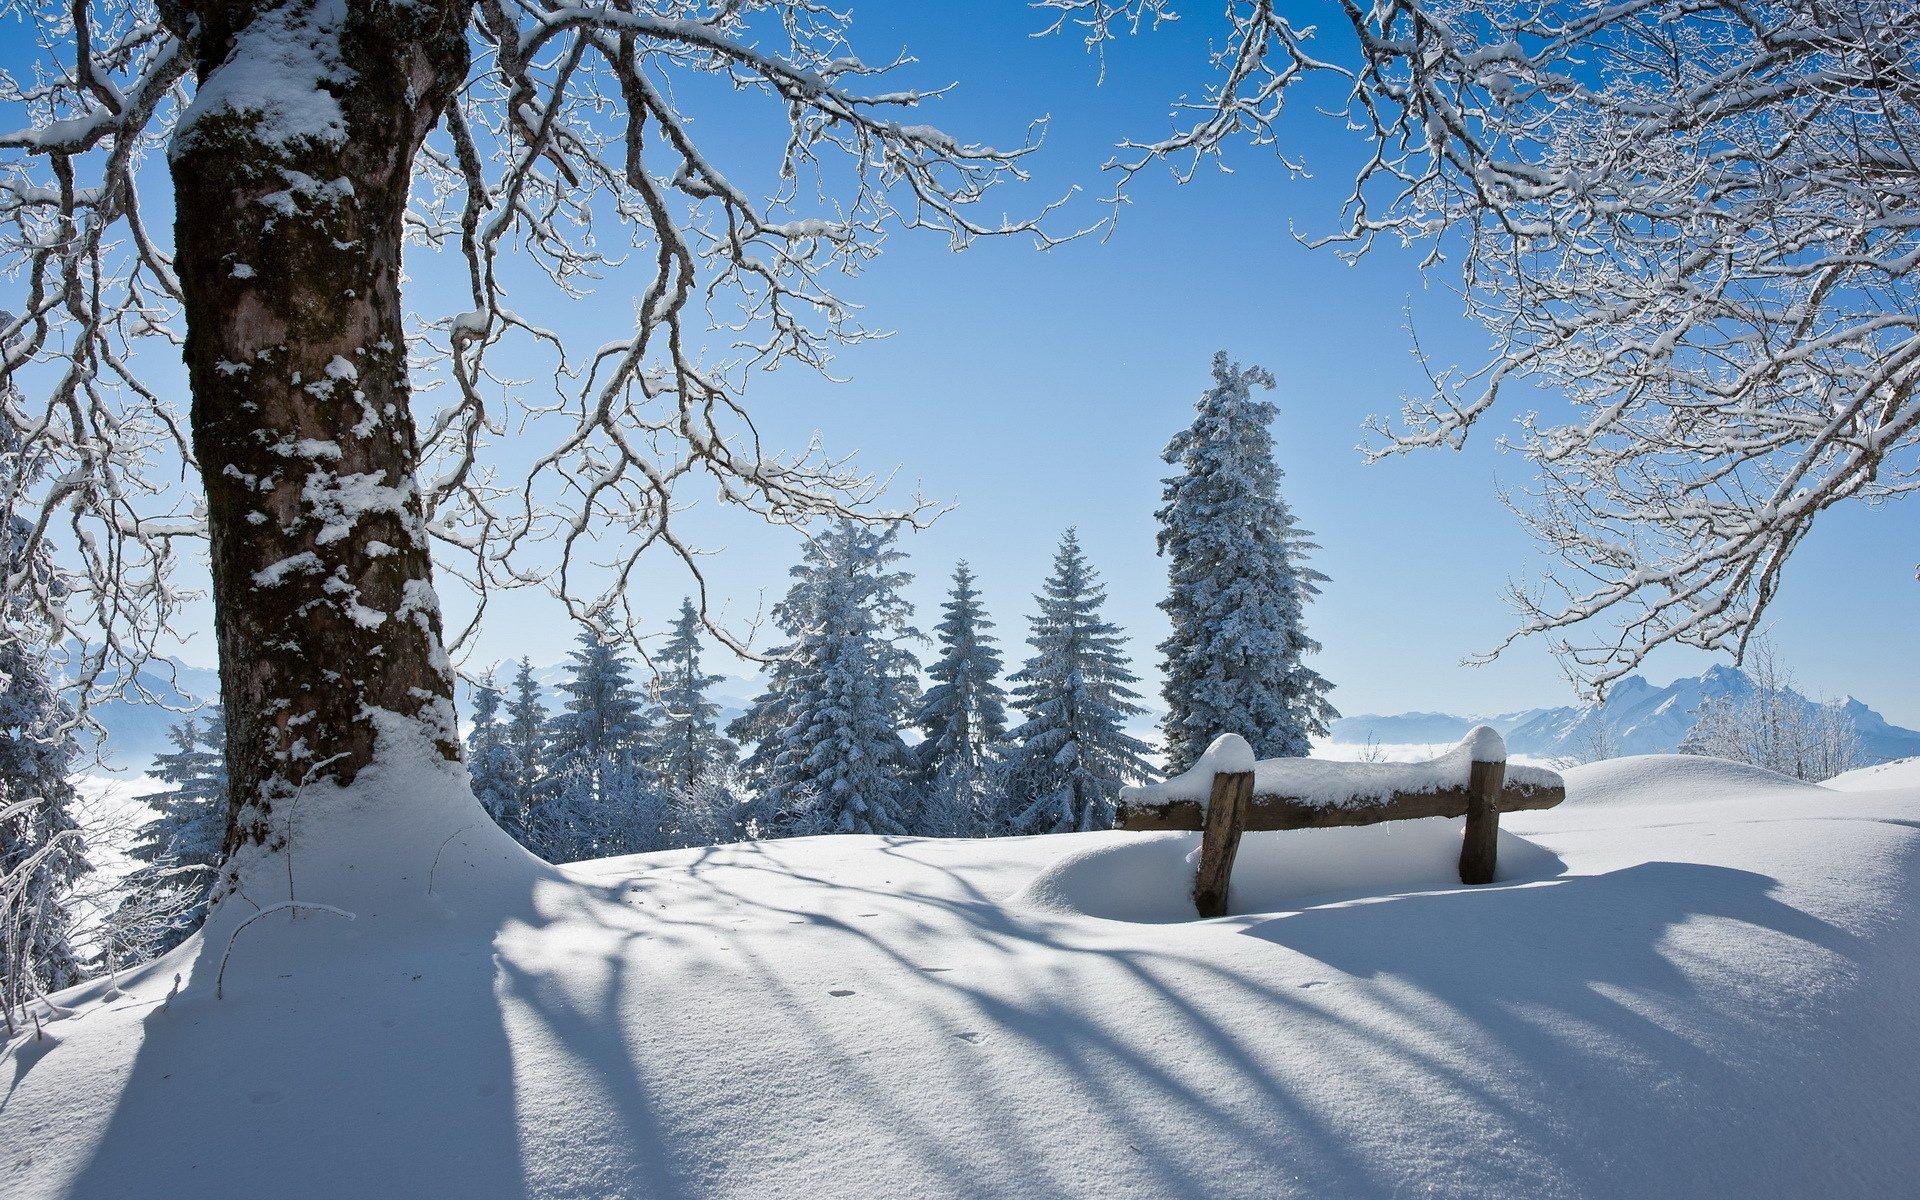 Снежная зима картинки красивые